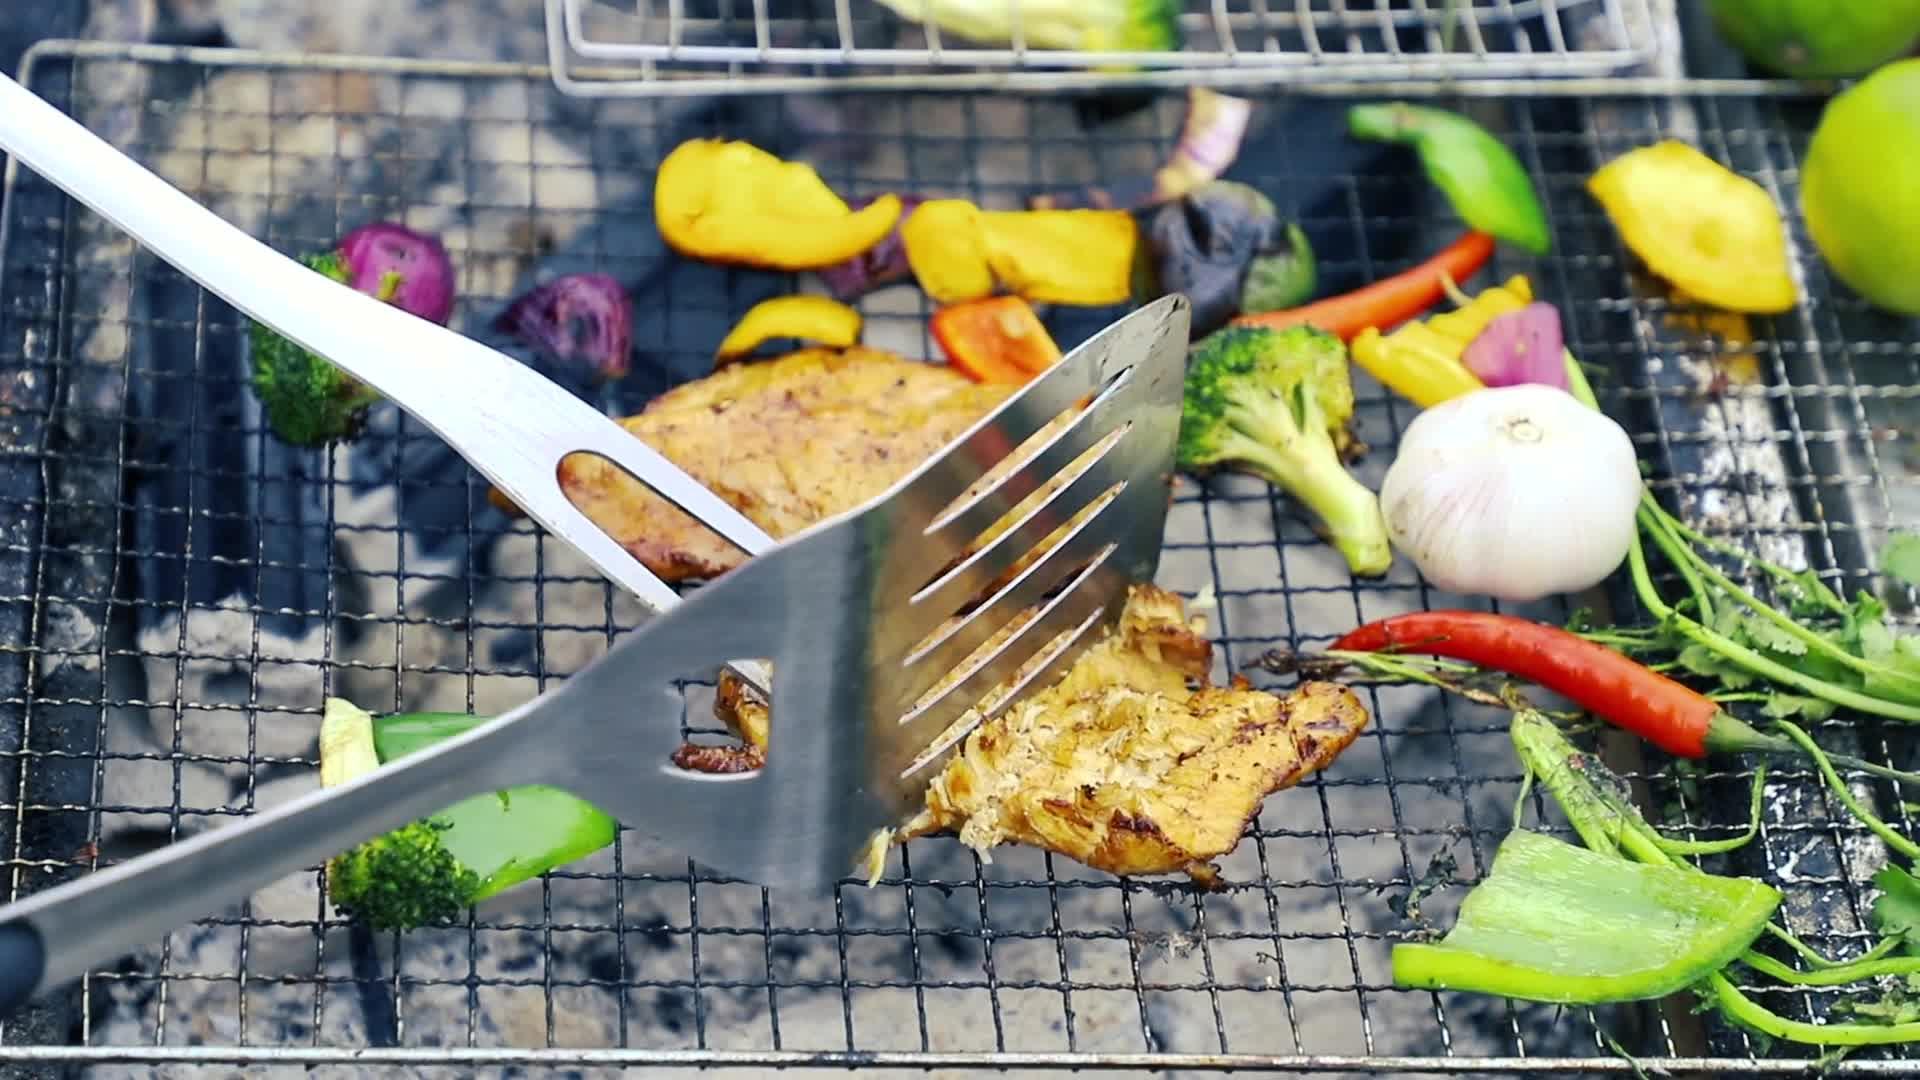 Hoge Kwaliteit Roestvrij Staal 3 stks BBQ Gereedschap Set, Barbecue Gereedschap Set, BBQ Grill Gereedschap Set met Raam Doos